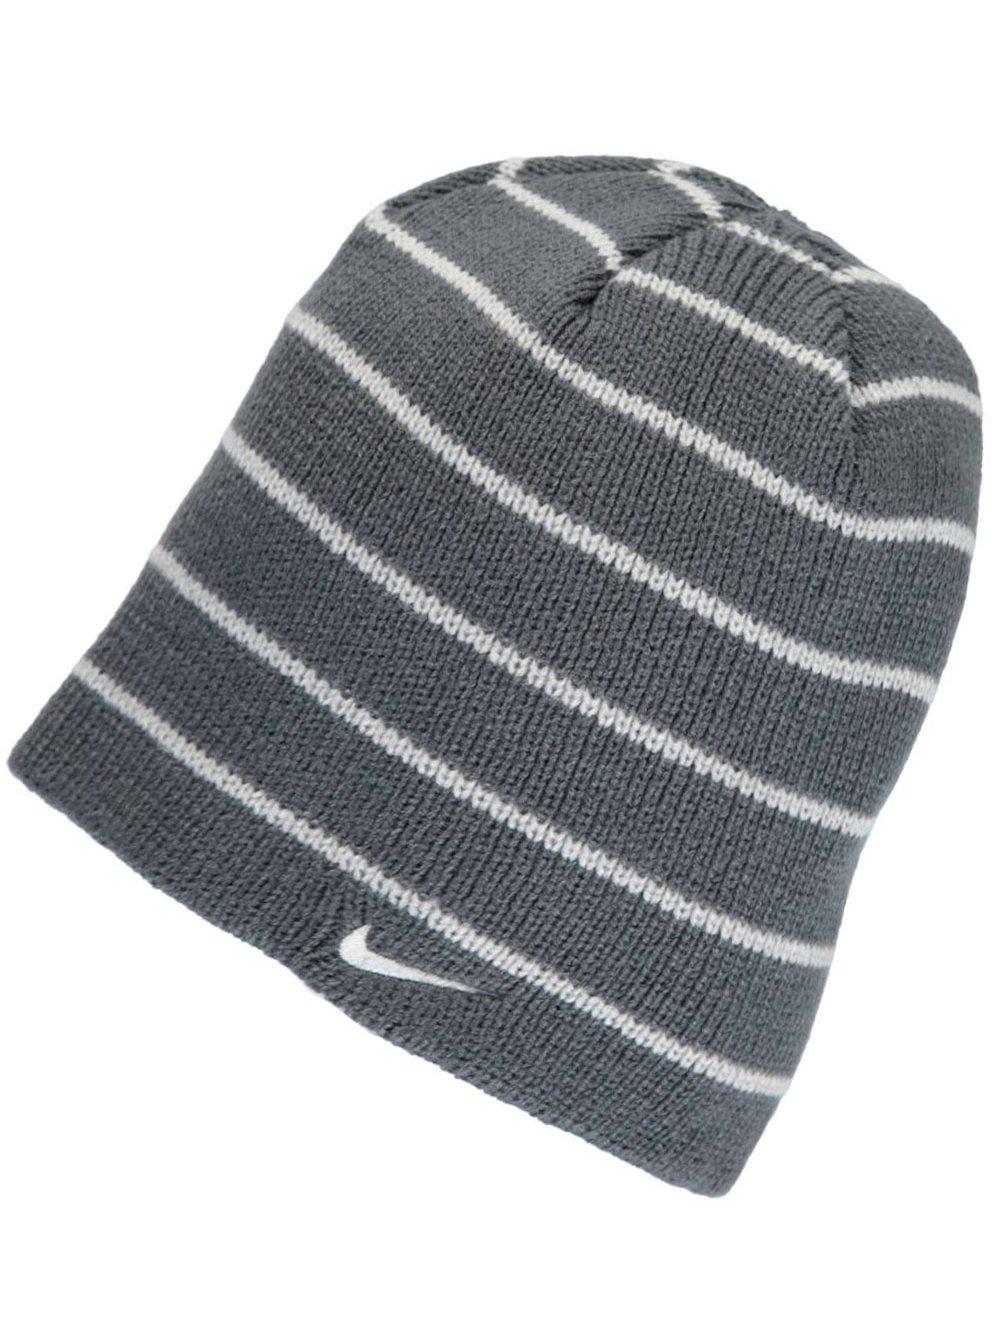 Nike Big Boys Beanie (One Size) - dark gray, 8- 20